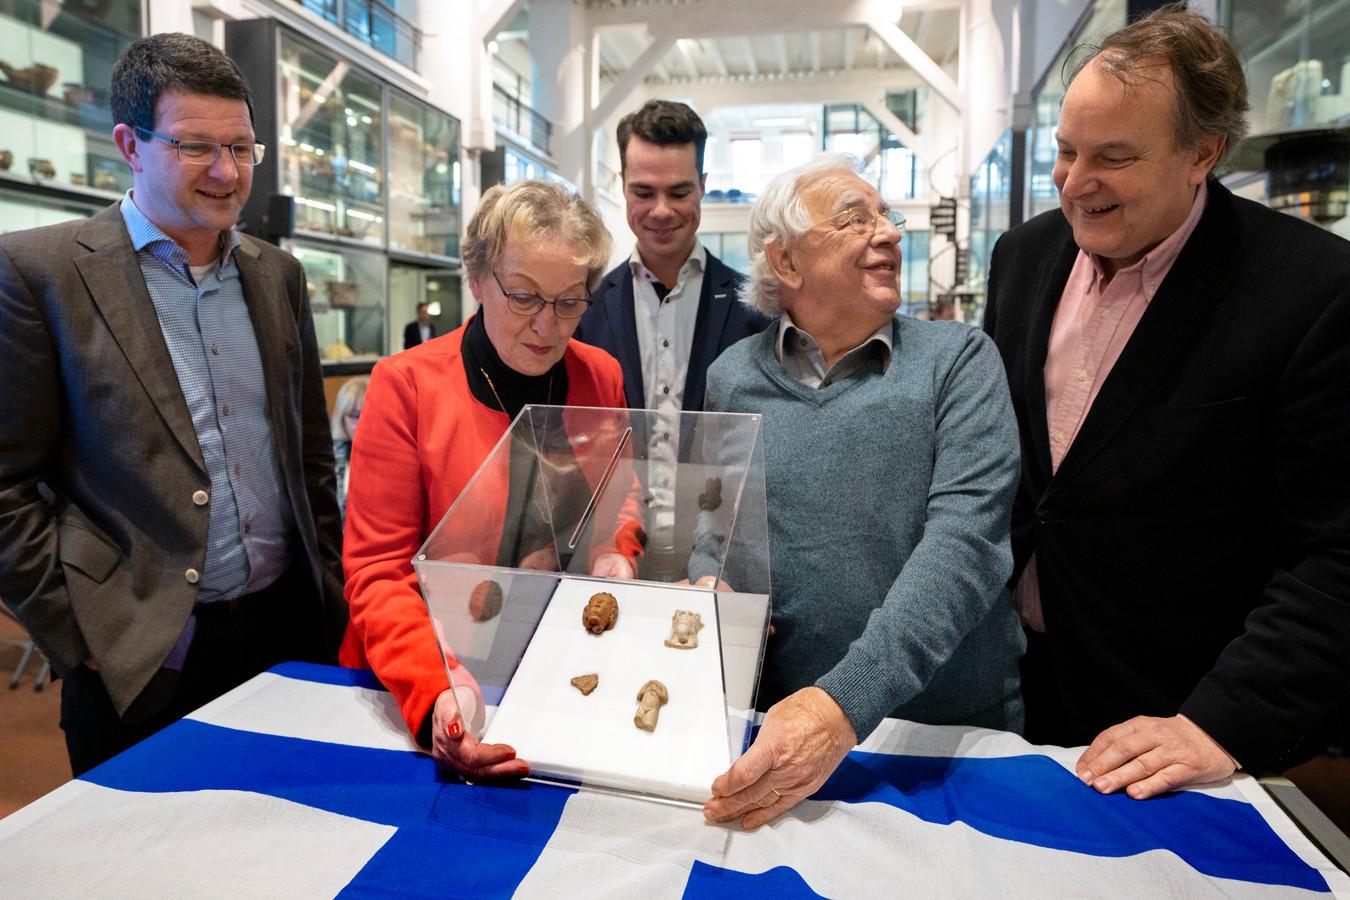 Een deel van de vondsten wordt overgedragen in het Groot Tuighuis in Den Bosch. Vlnr: Jaap Claerhoudt (Op die Dunghen), weduwe Jeanne van der Sanden van amateurarcheoloog Frans van der Sanden, wethouder Peter Raaijmakers (Sint-Michielsgestel), Rien van Nuland (ook bij opgravingen Eikendonk betrokken) en wethouder Huib van Olden van Den Bosch.